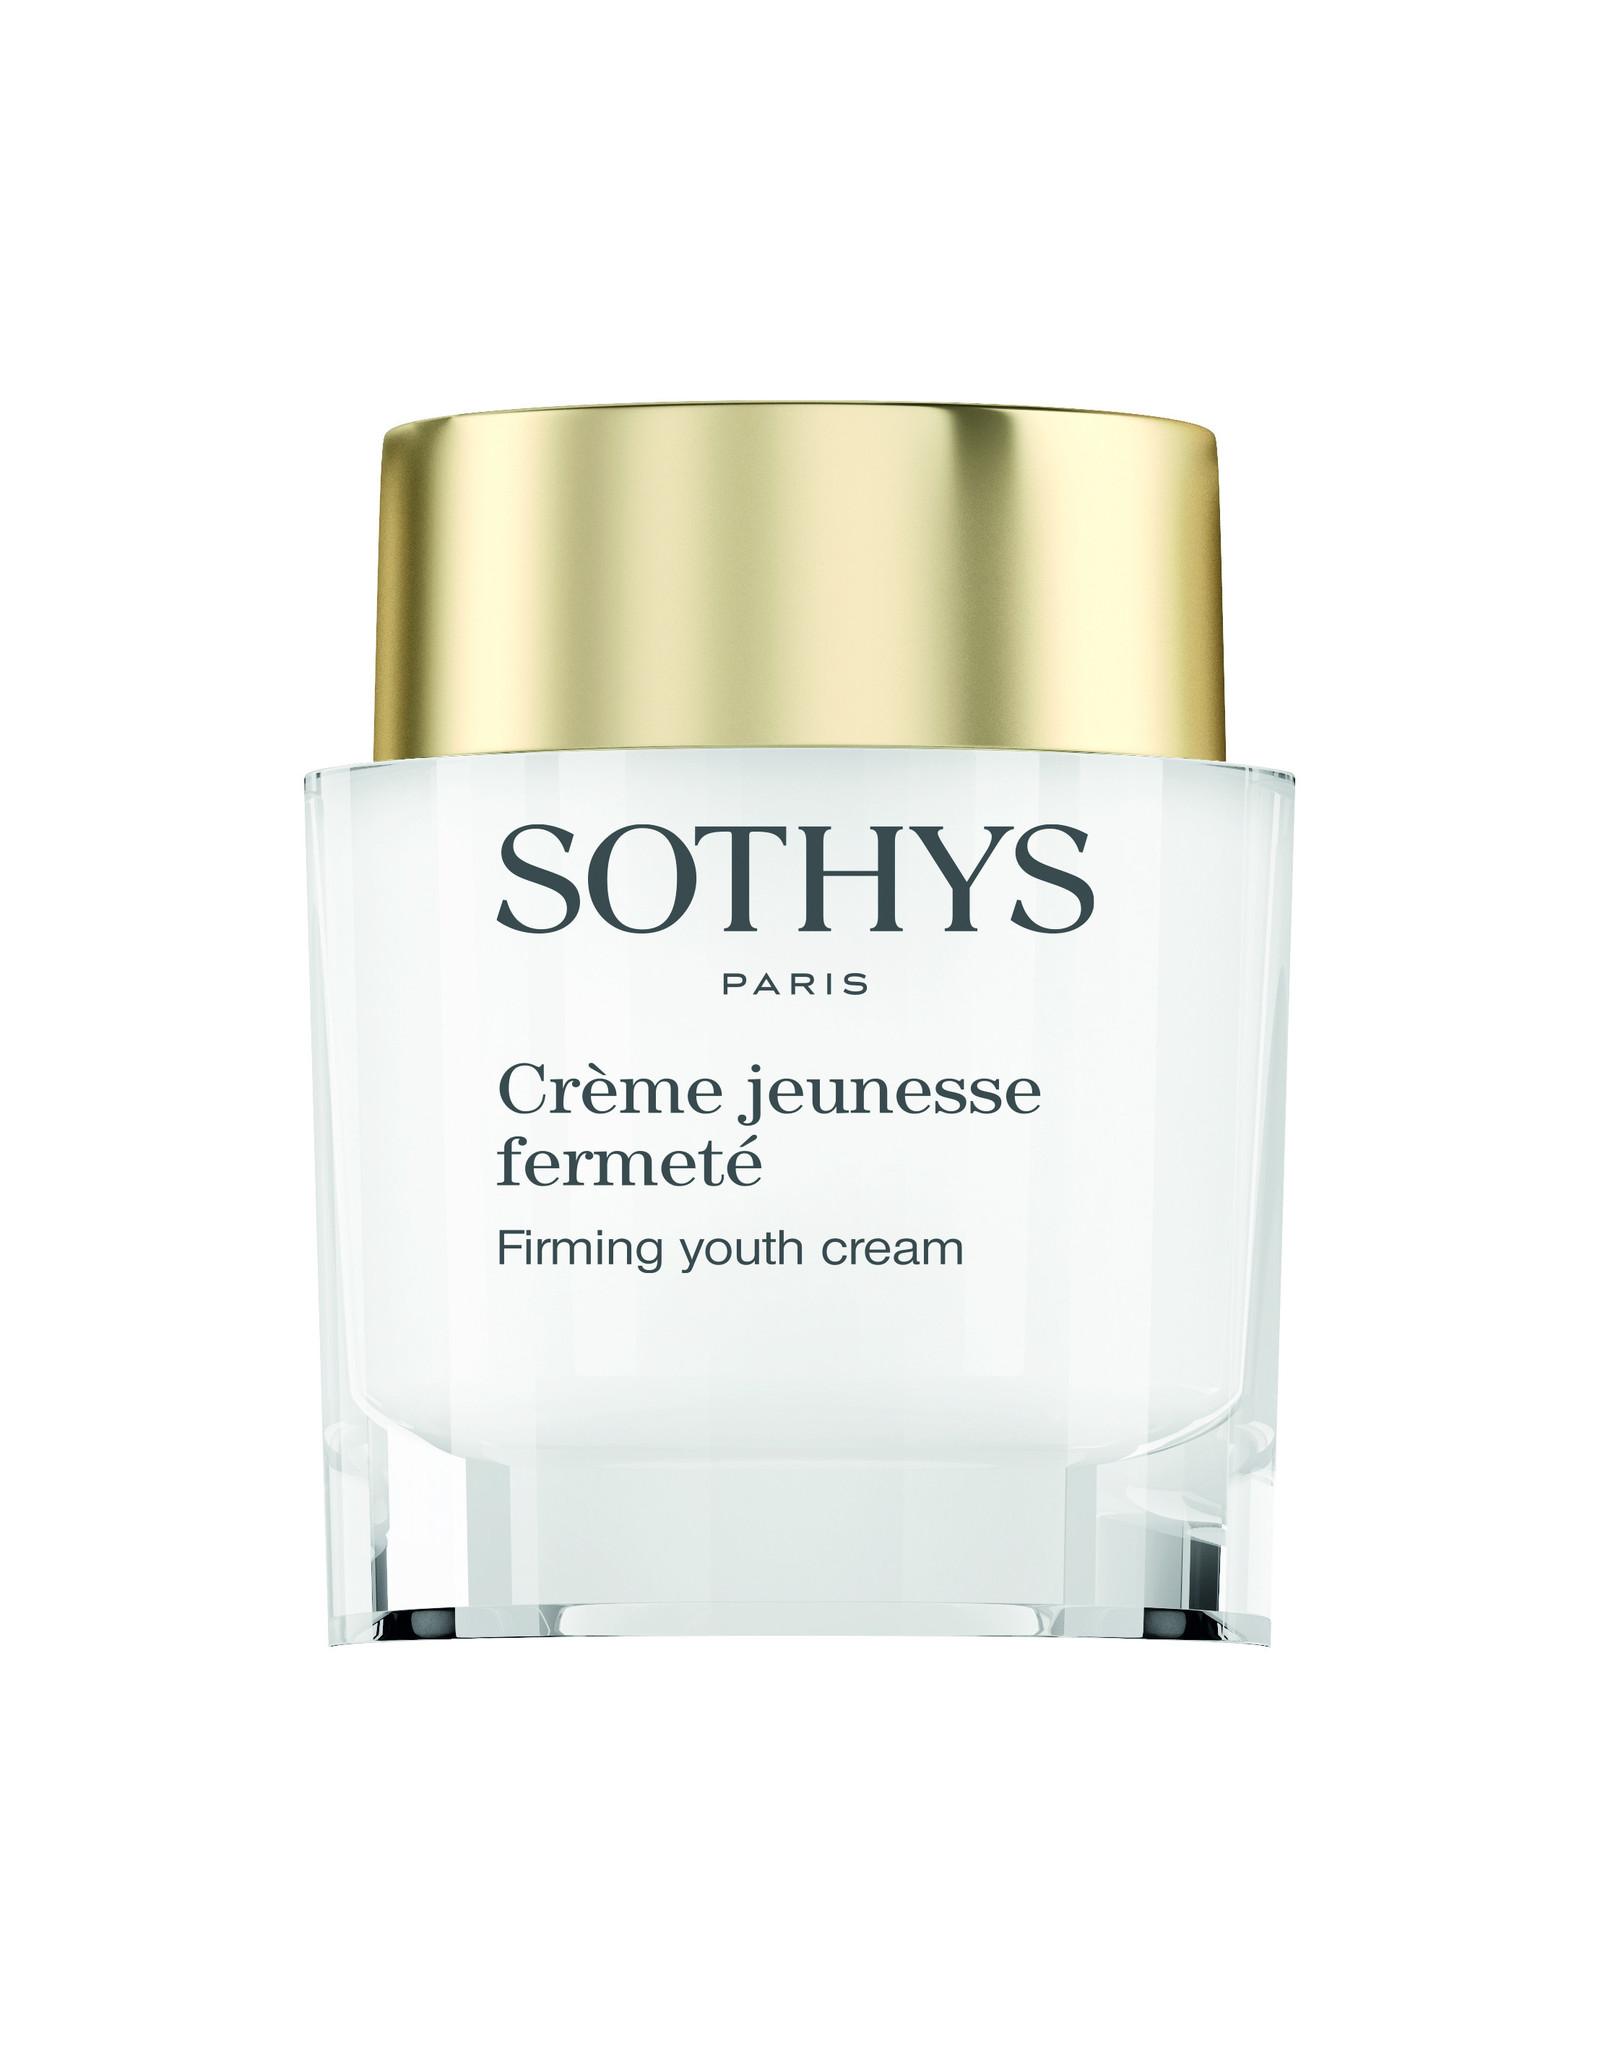 SOTHYS Crème jeunesse fermeté - Sothys